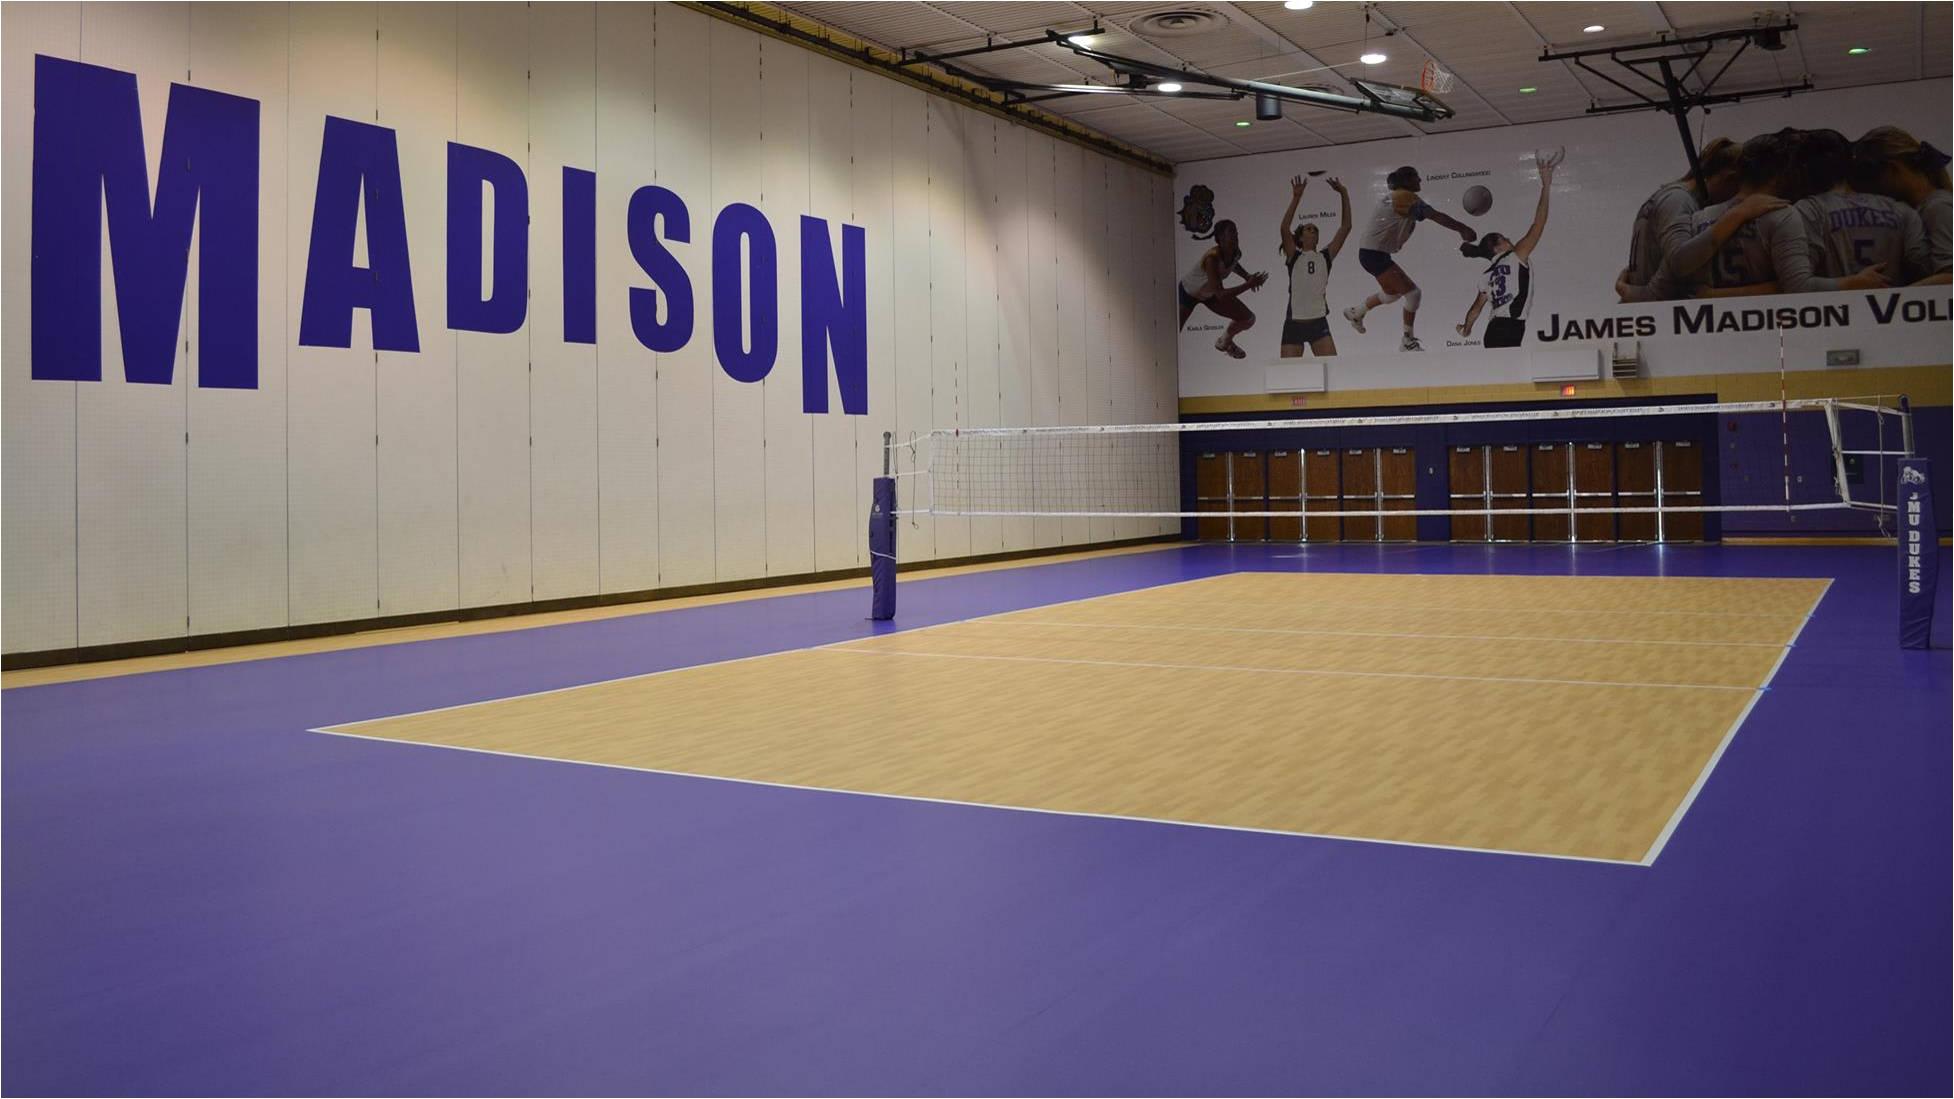 Taraflex Flooring Volleyball Volleyball S Sinclair Gym Upgrades to Elite New Taraflex Court